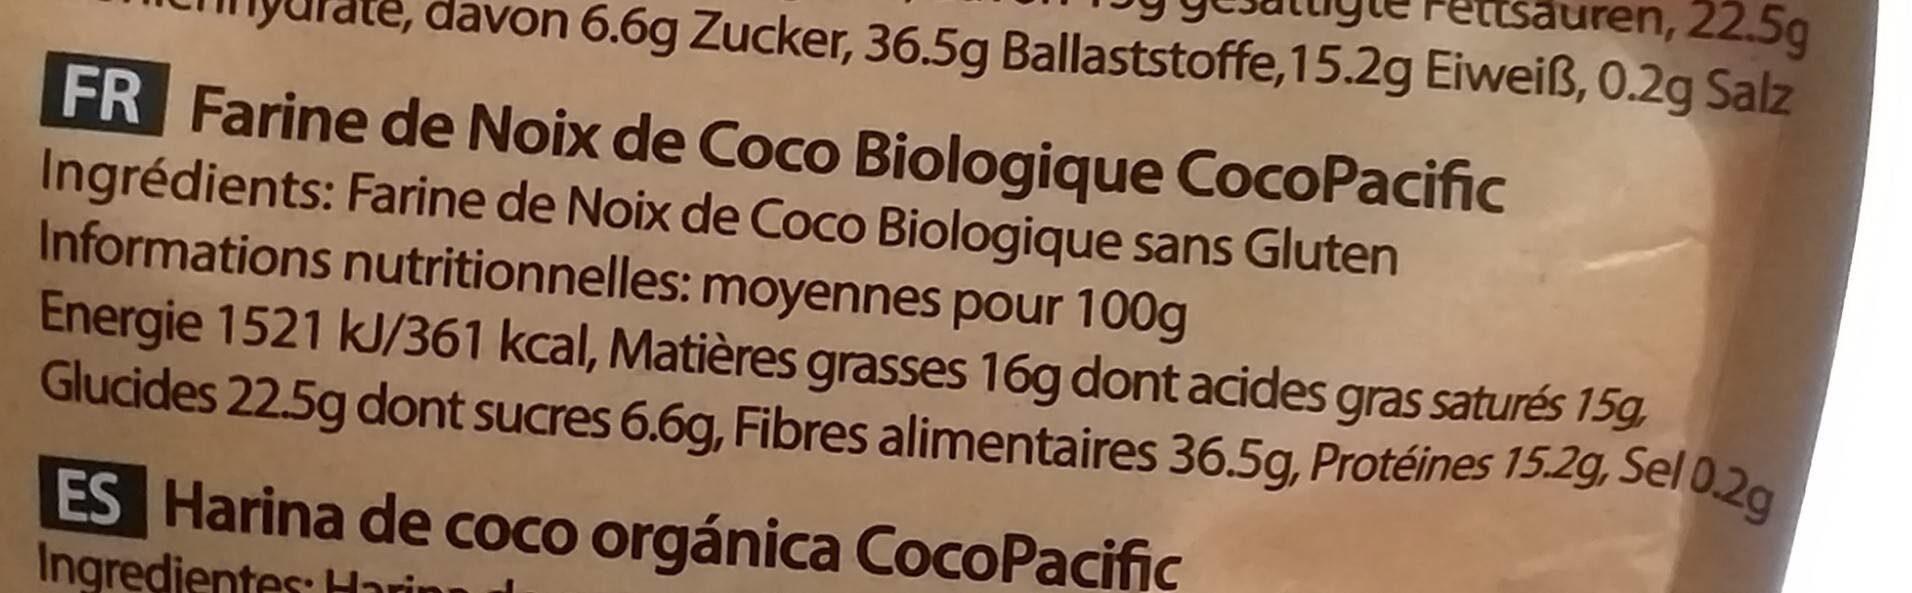 Farine de noix de coco - Informations nutritionnelles - fr